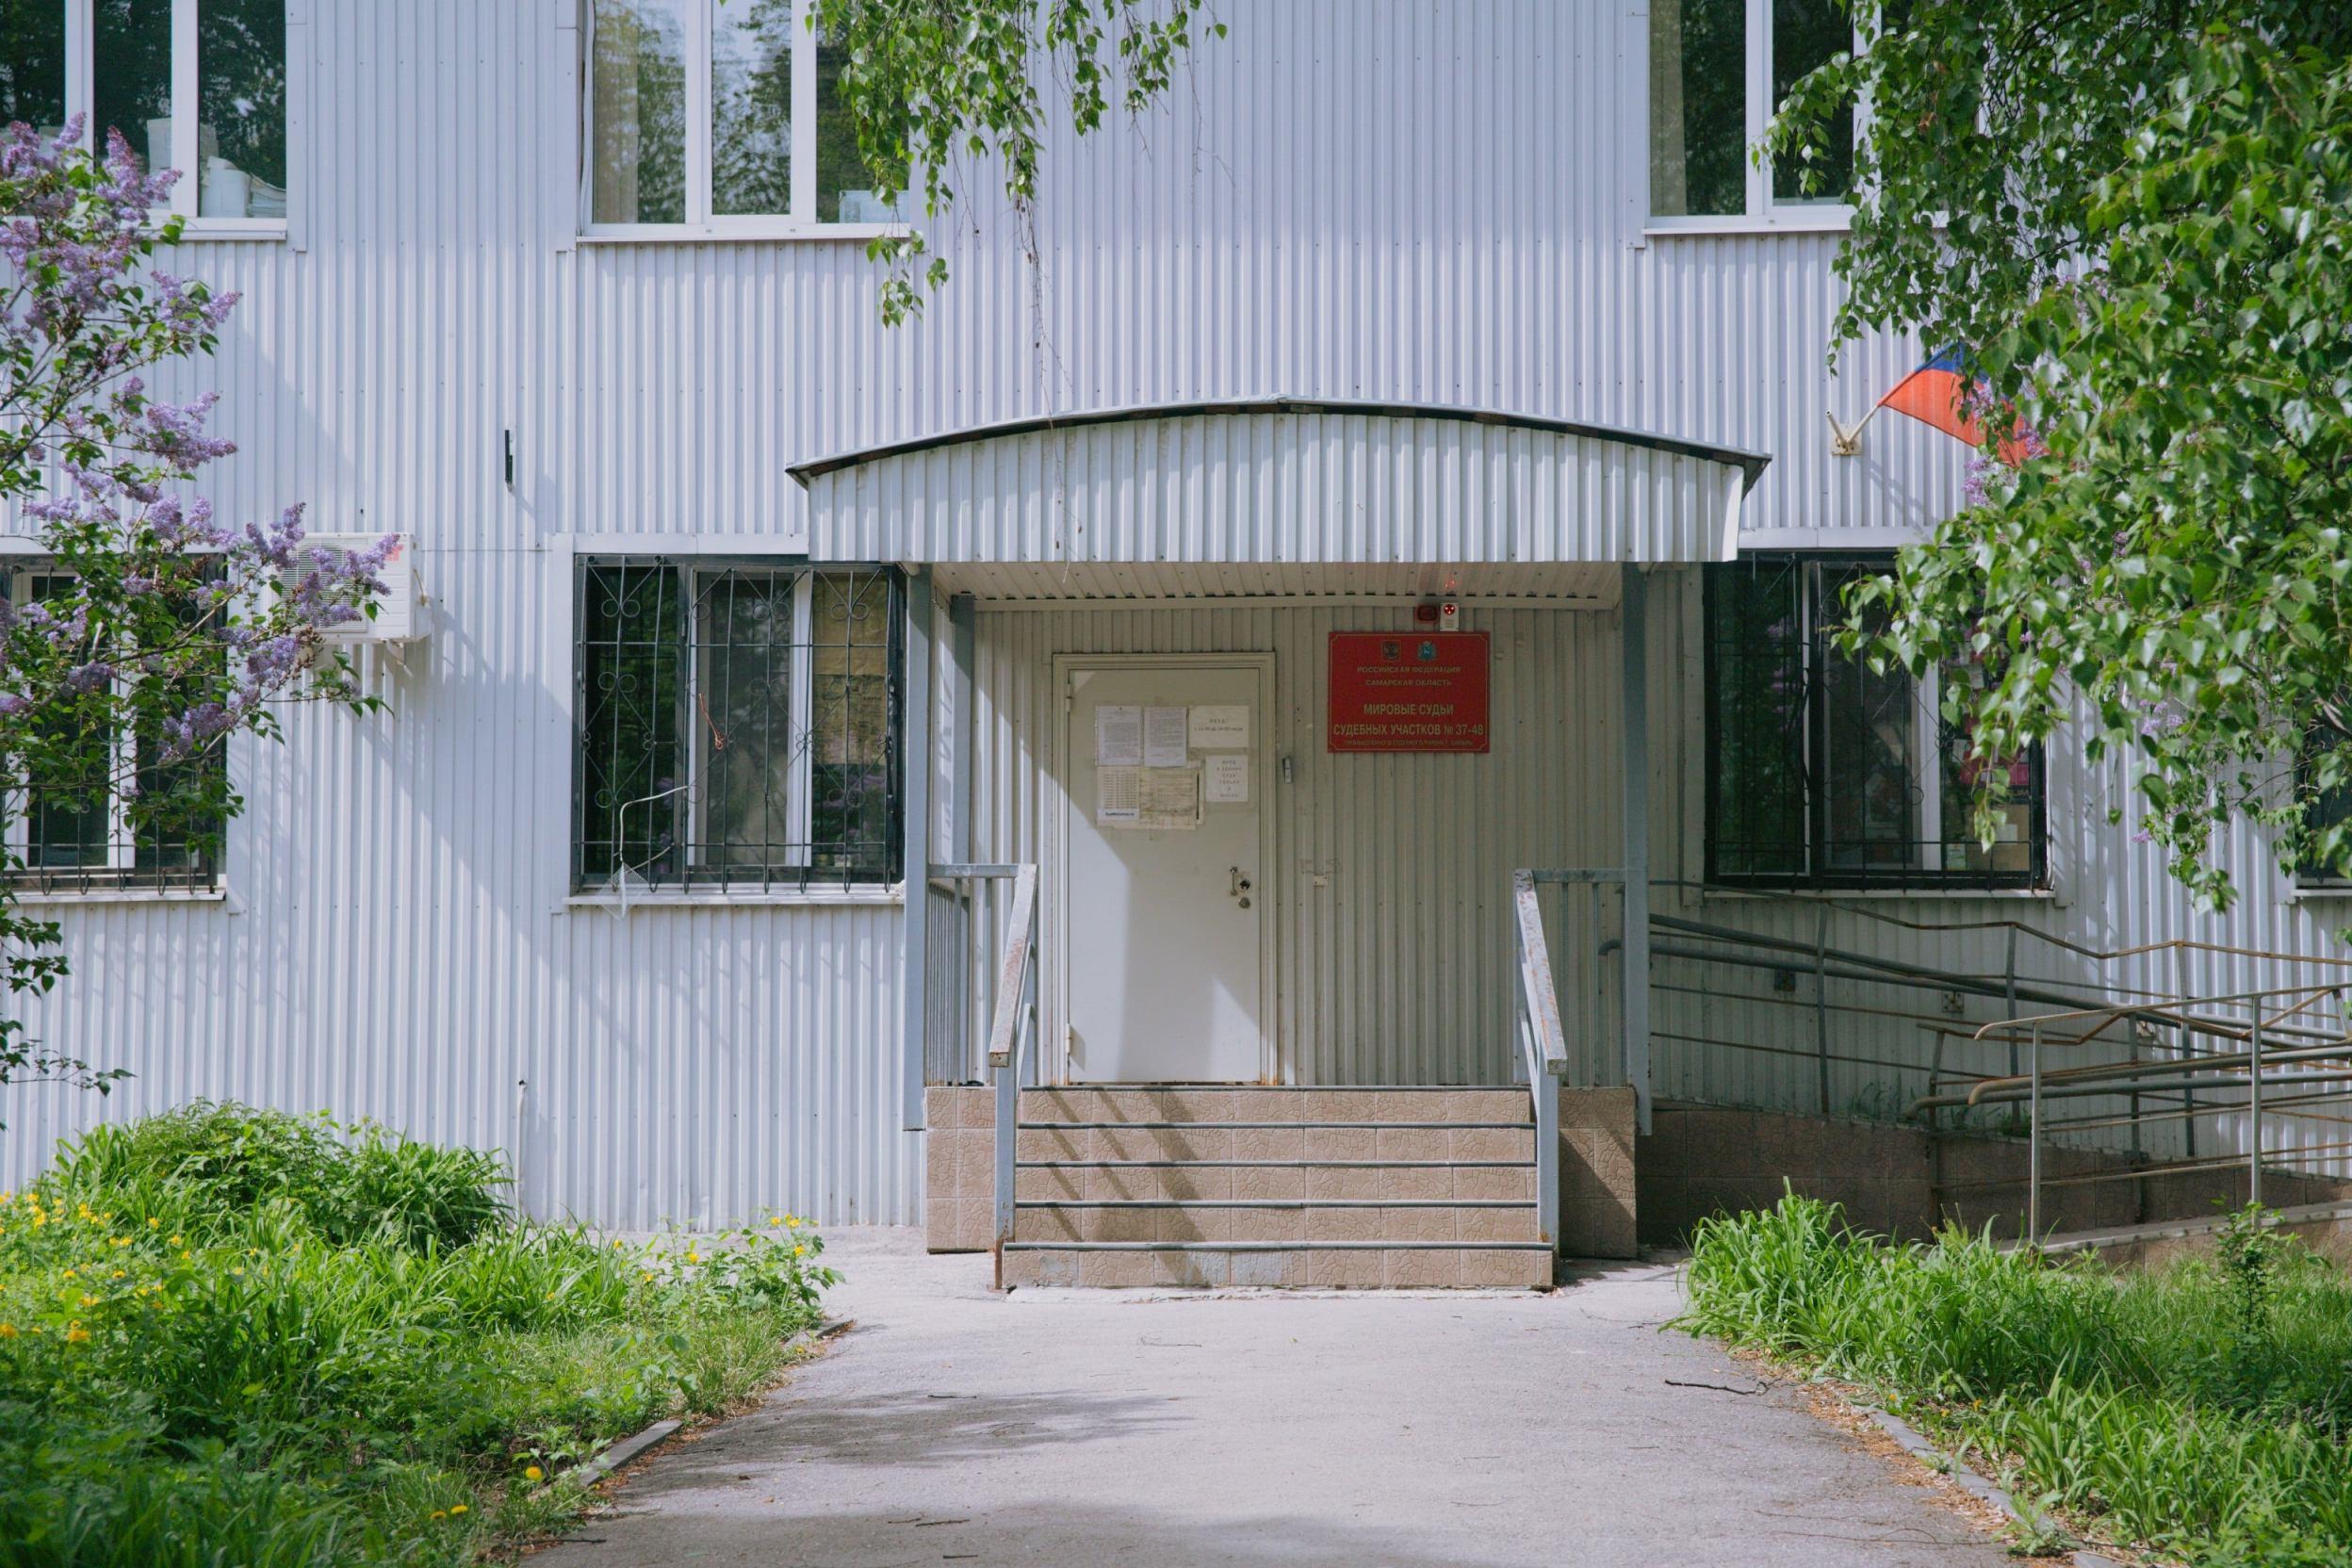 Бывший детский сад на улице Теннисной